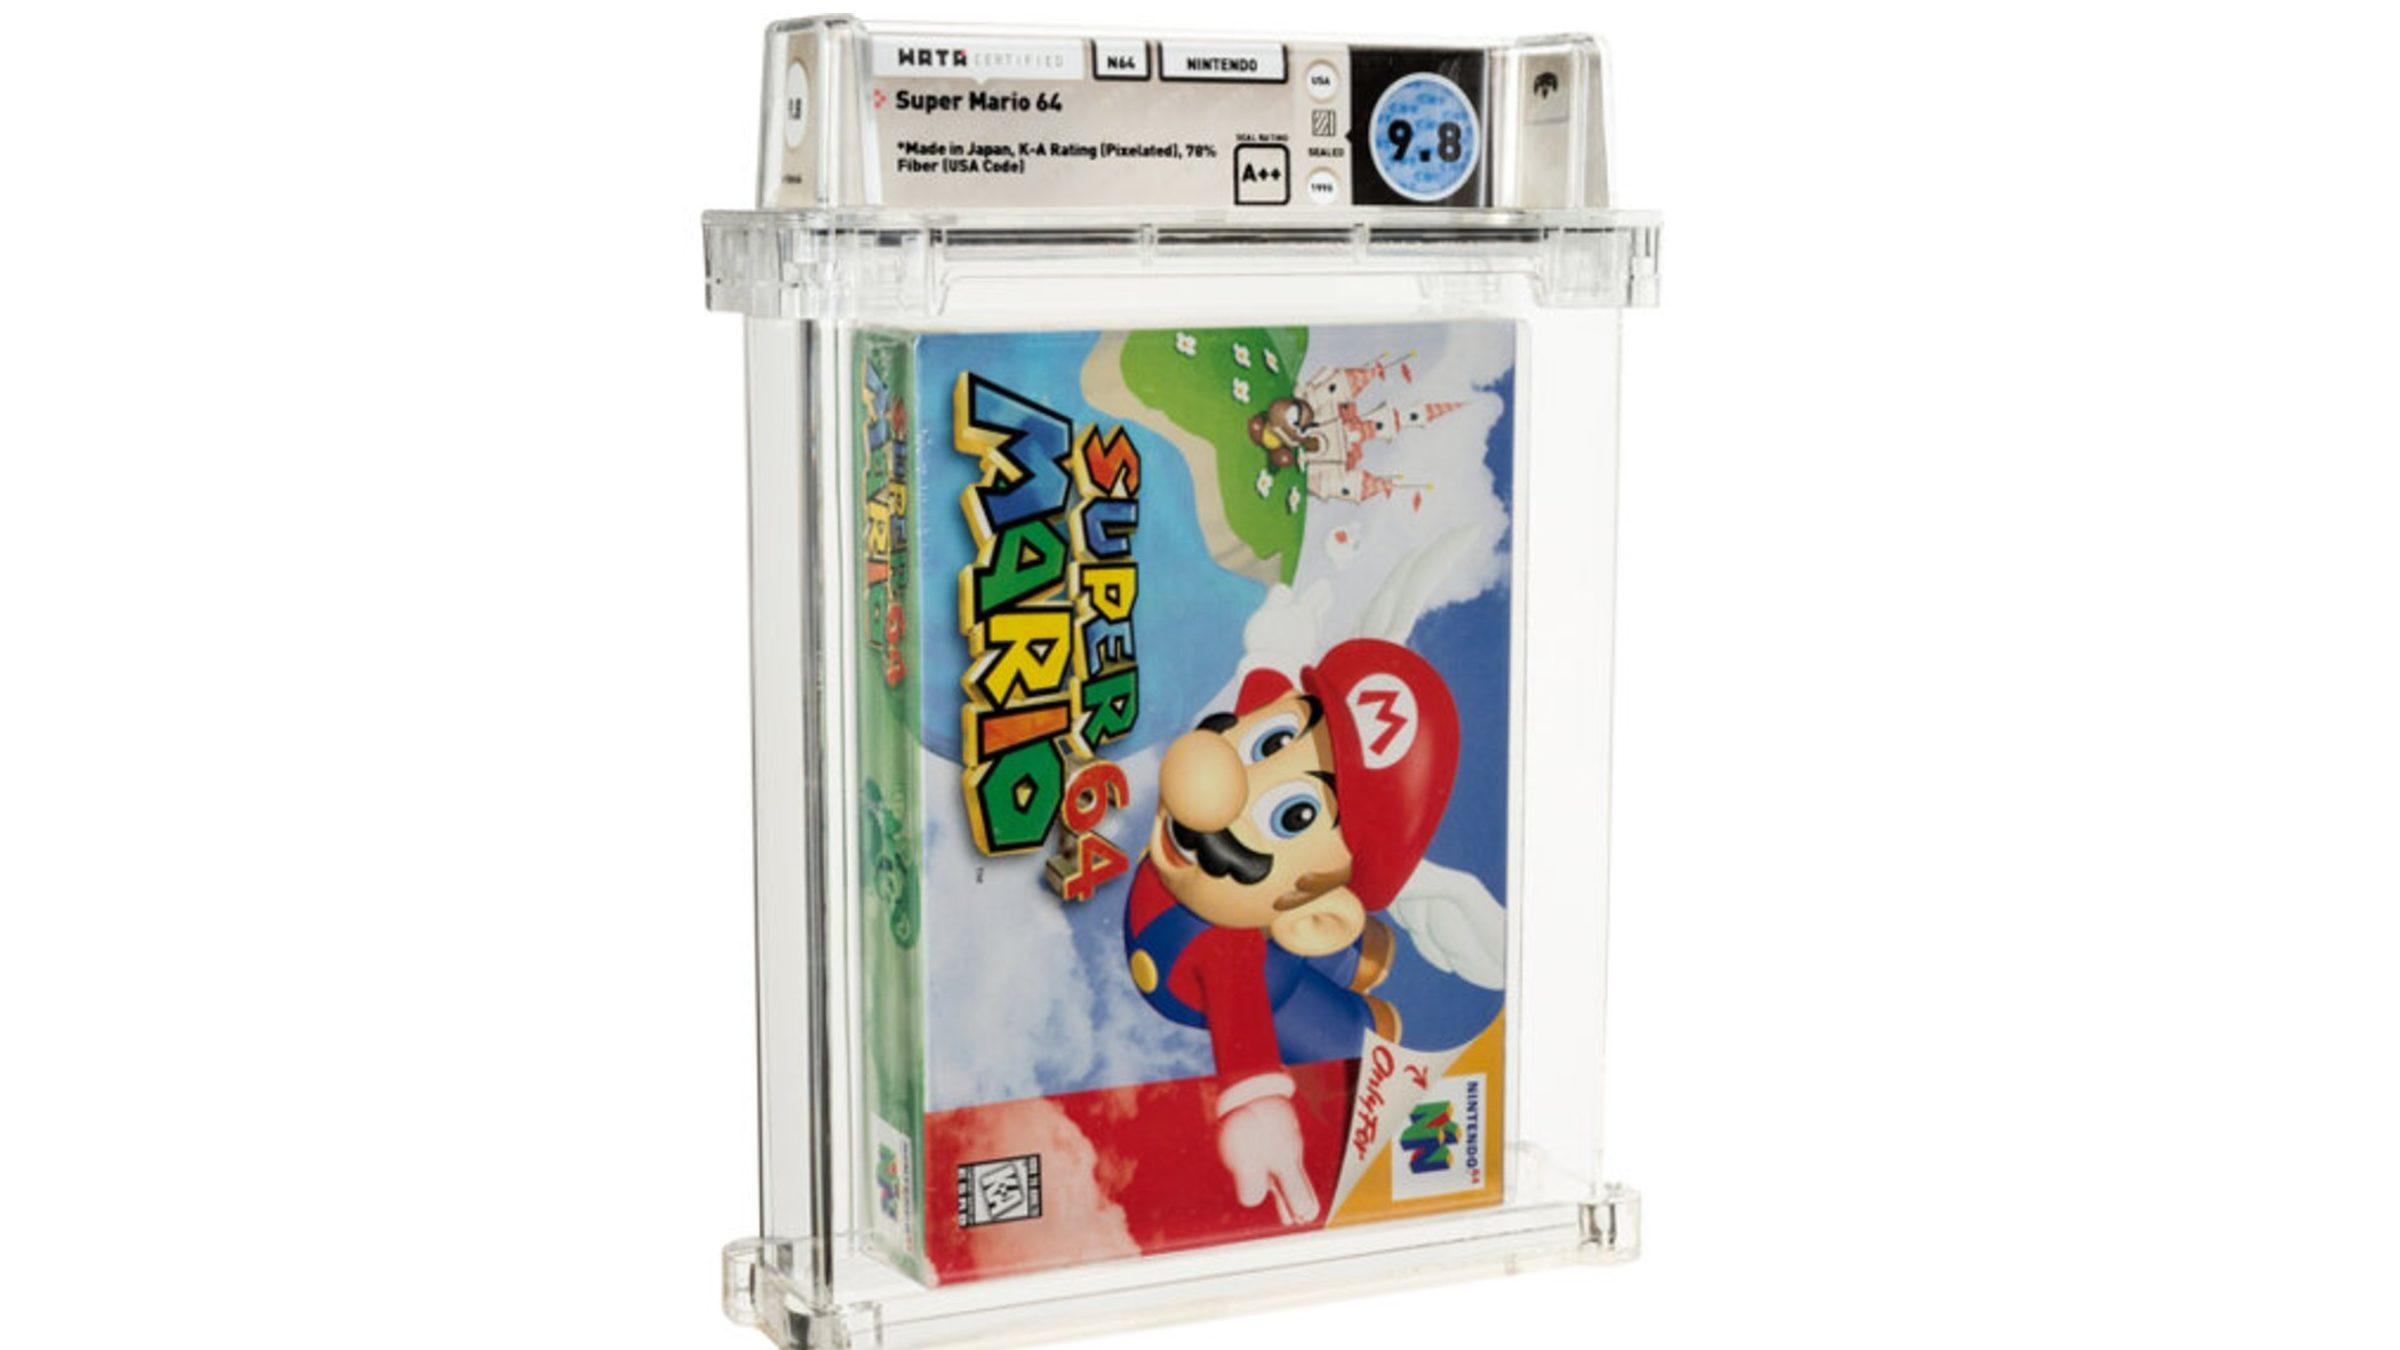 Super Mario 64 Heritage Auctions